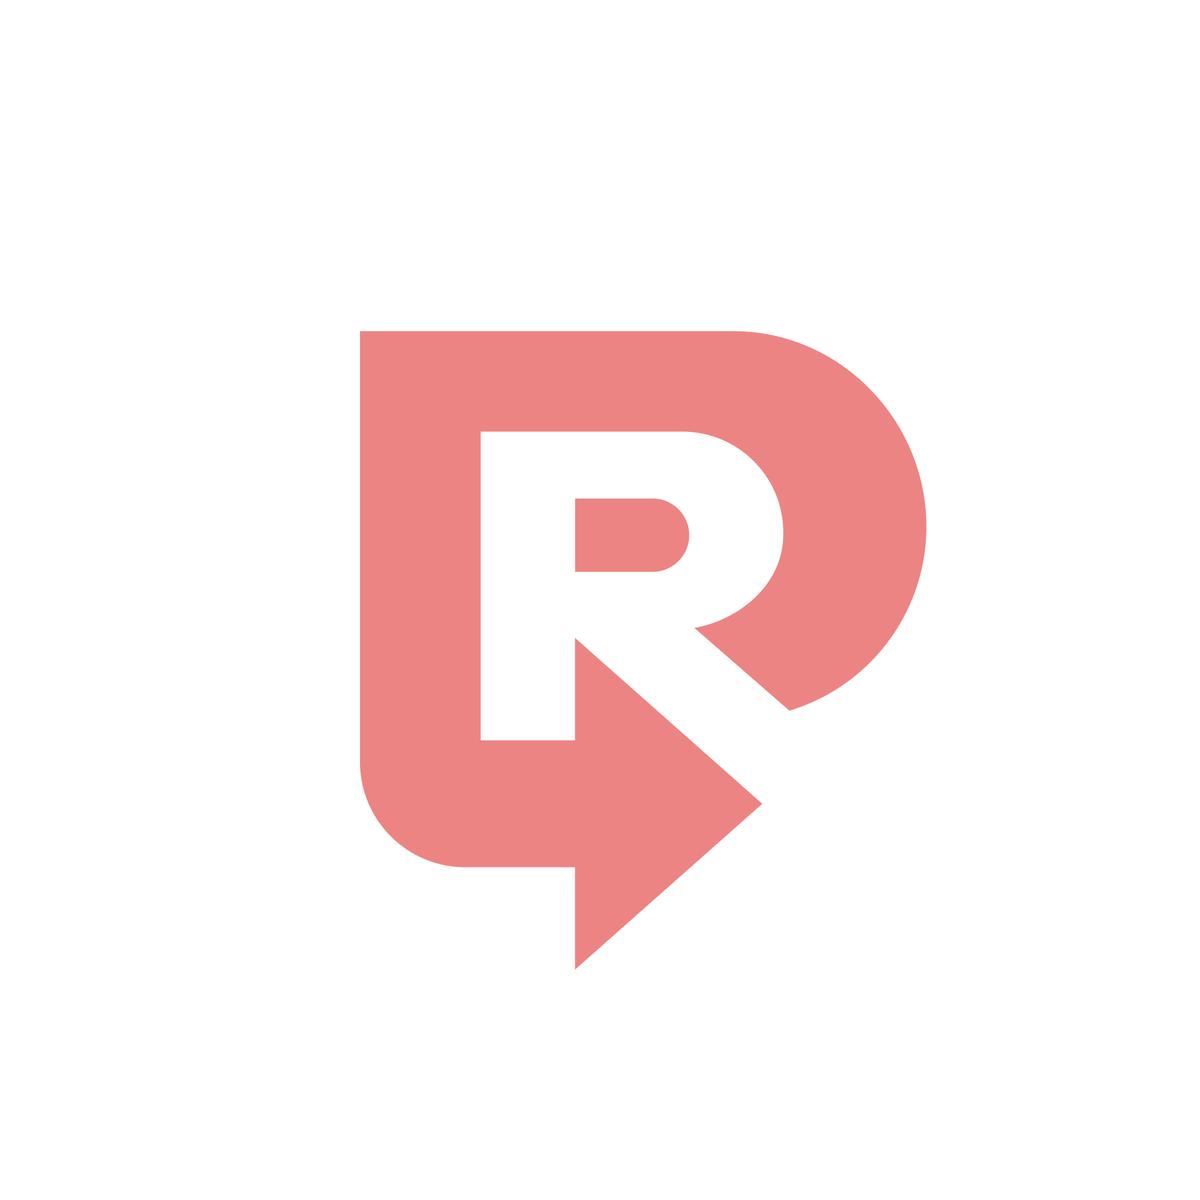 Returnlogic Logo United States Letter Logo Letter R Logos